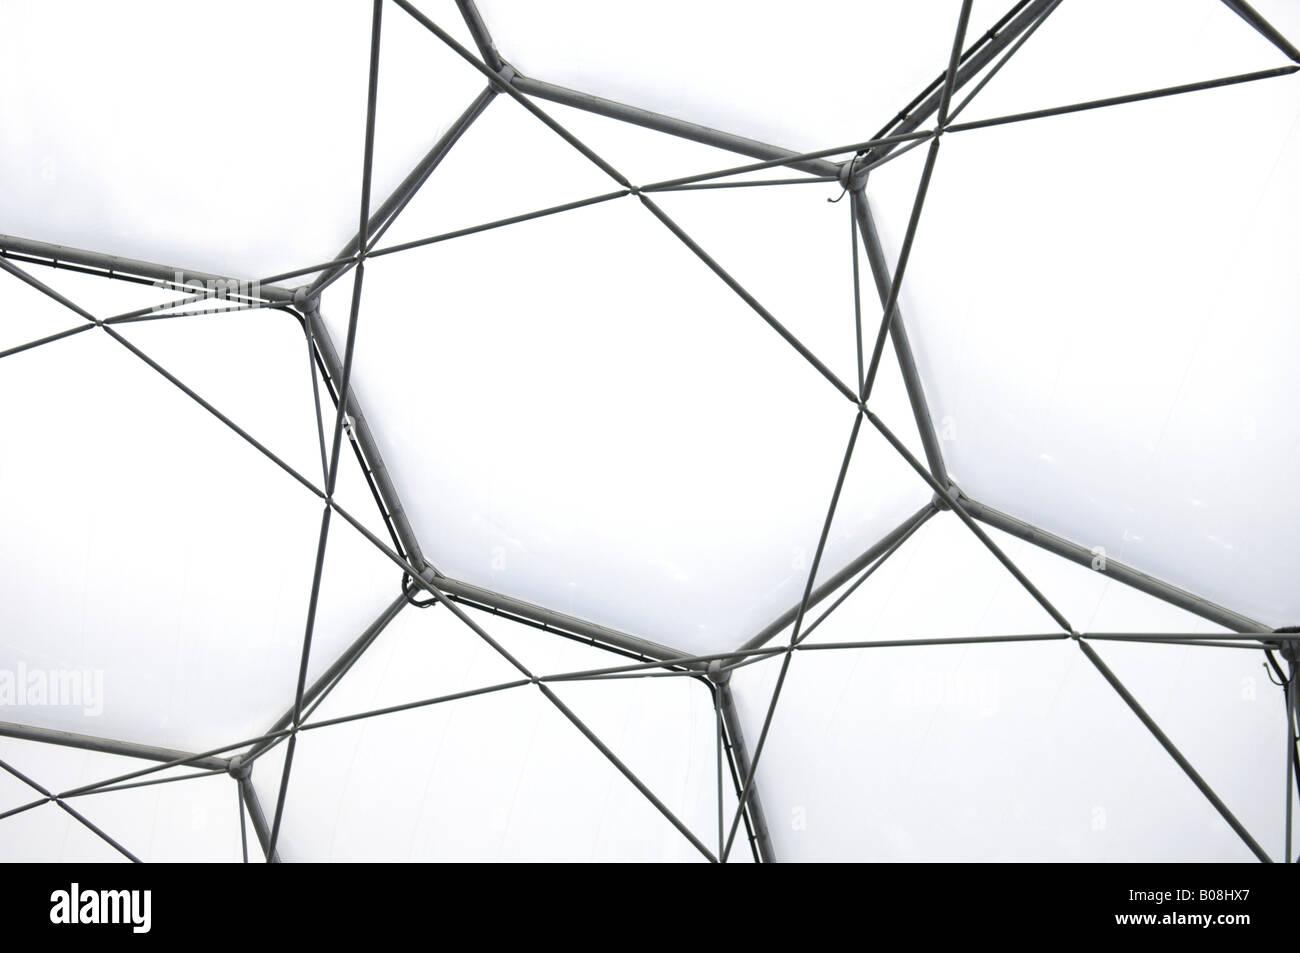 Des structures en fer de l'Eden Project toit biome à Cornwall en Angleterre Banque D'Images